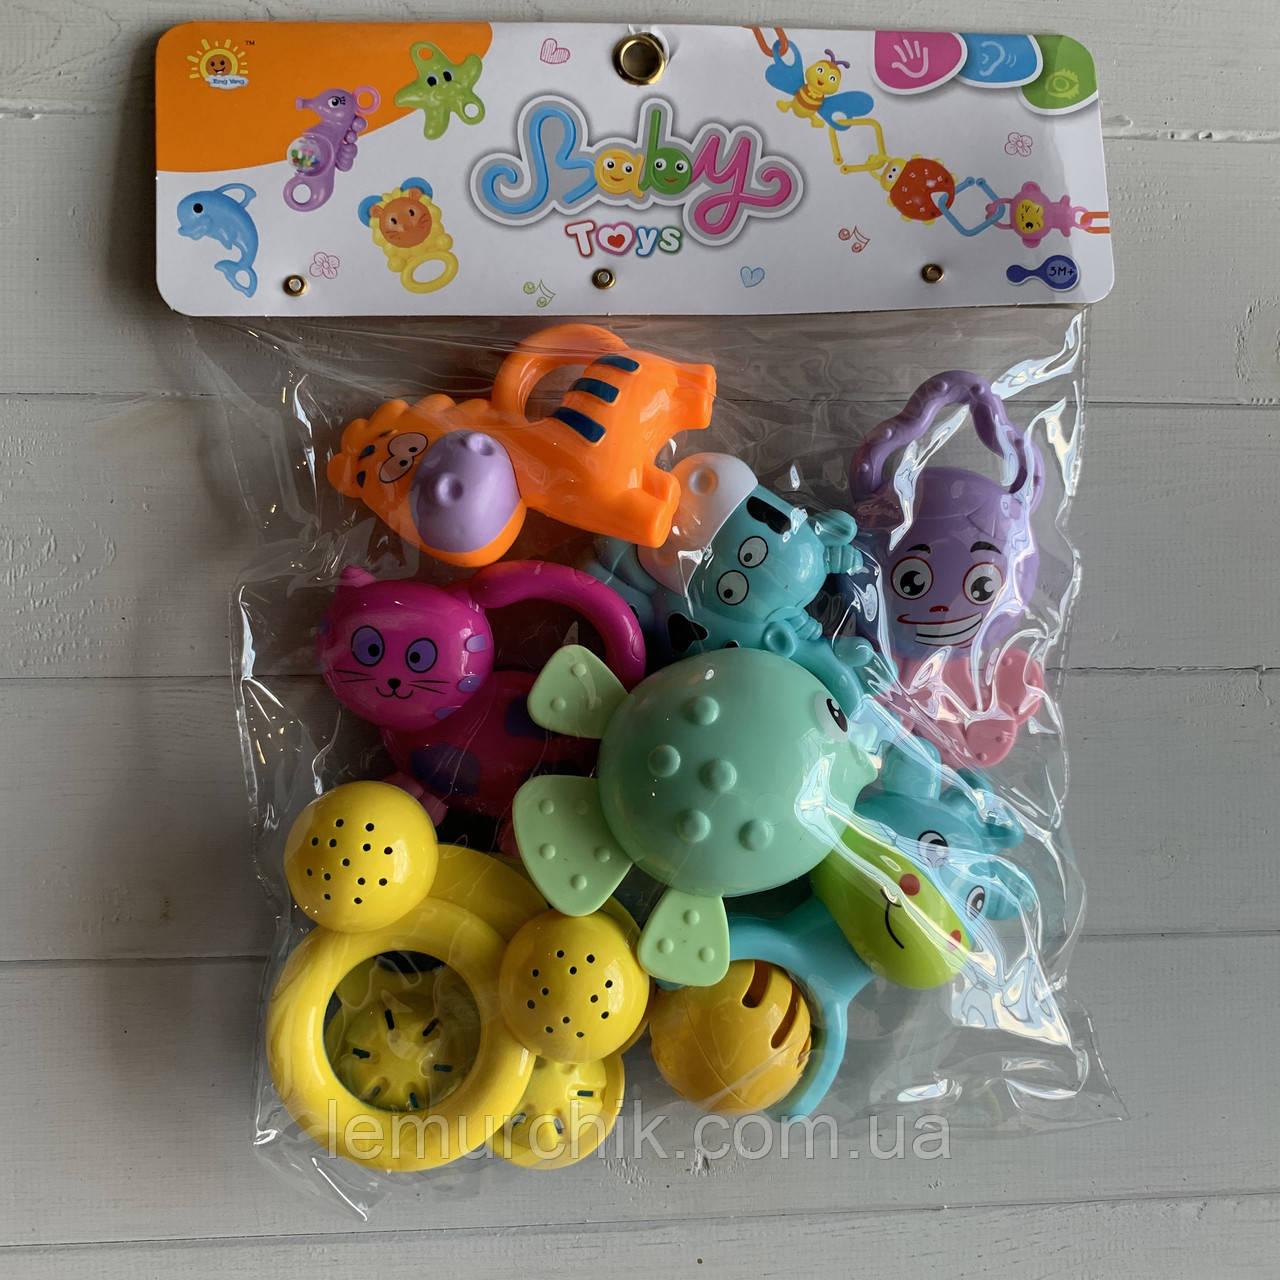 Набор игрушек-погремушек 7 штук